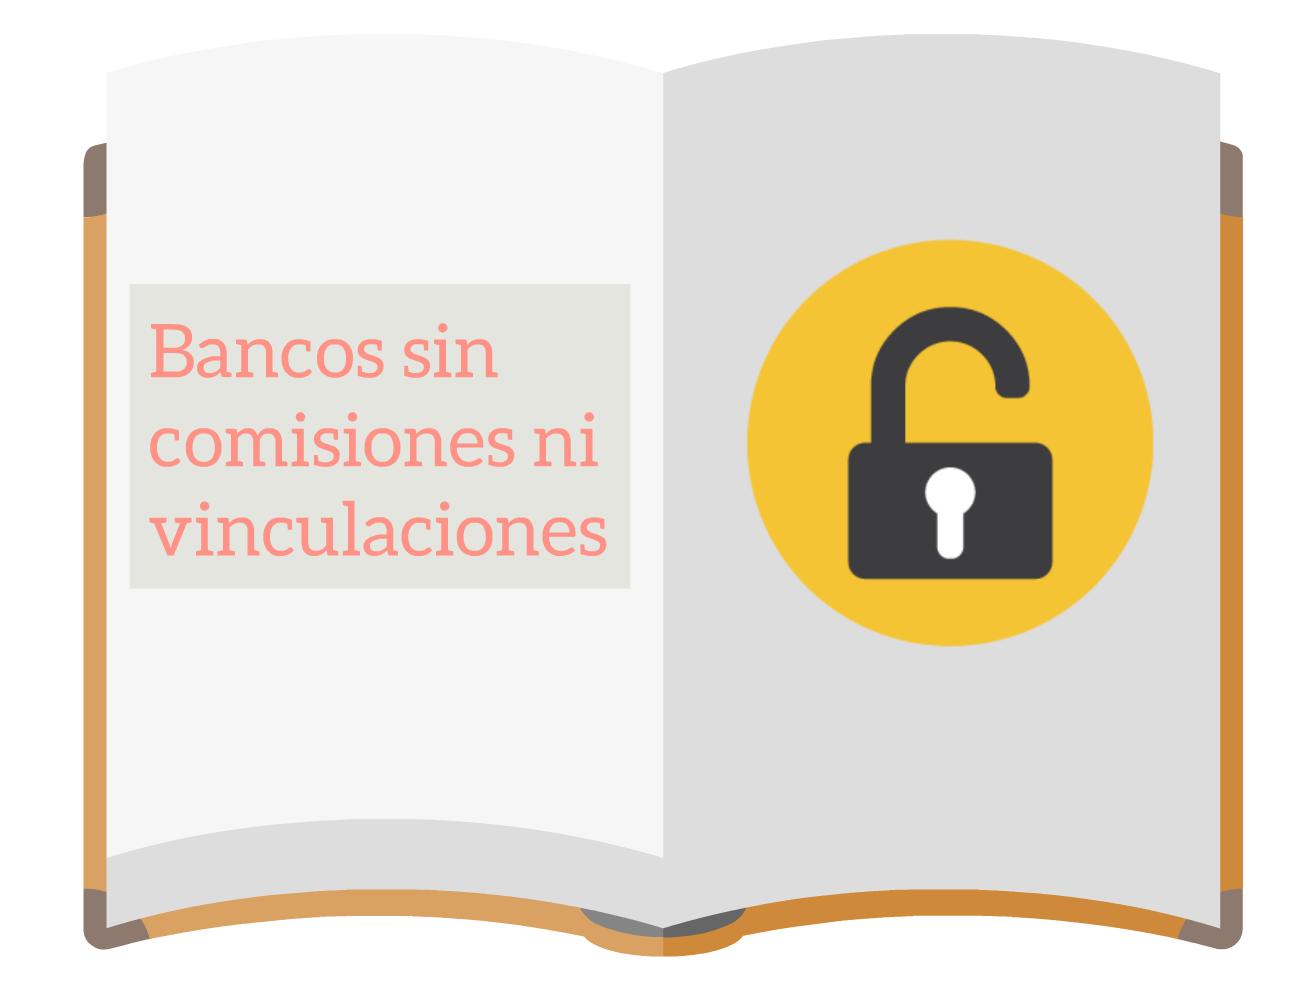 Bancos sin comisiones ni vinculaciones